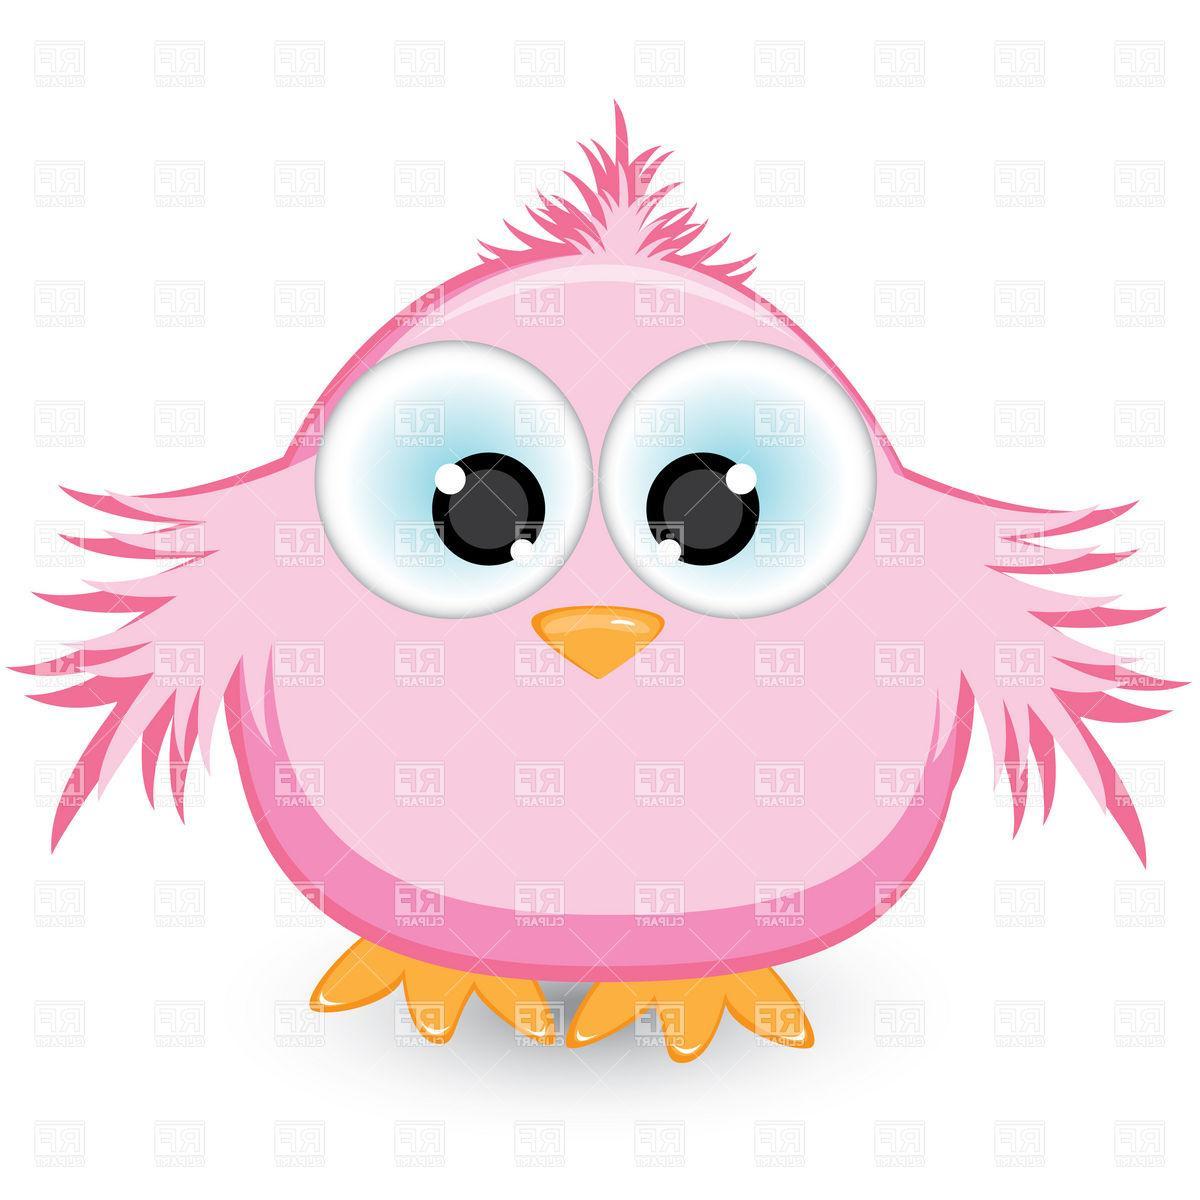 1200x1200 Unique Pink Chick Clip Art Photos Free Vector Art, Images